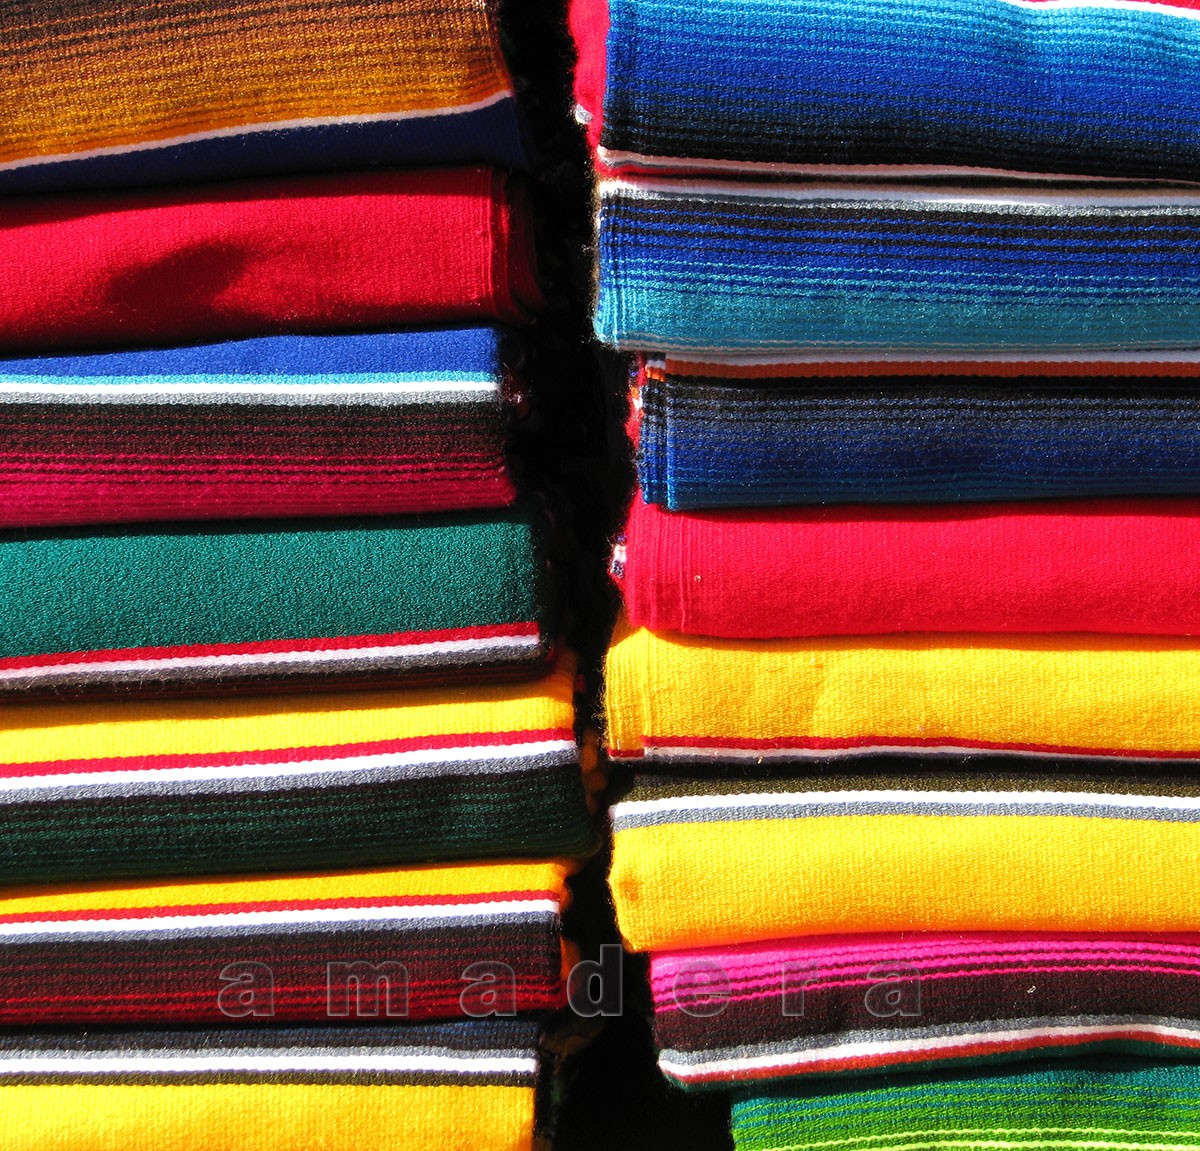 Couverture mexicaine, jete de canape, plaid,